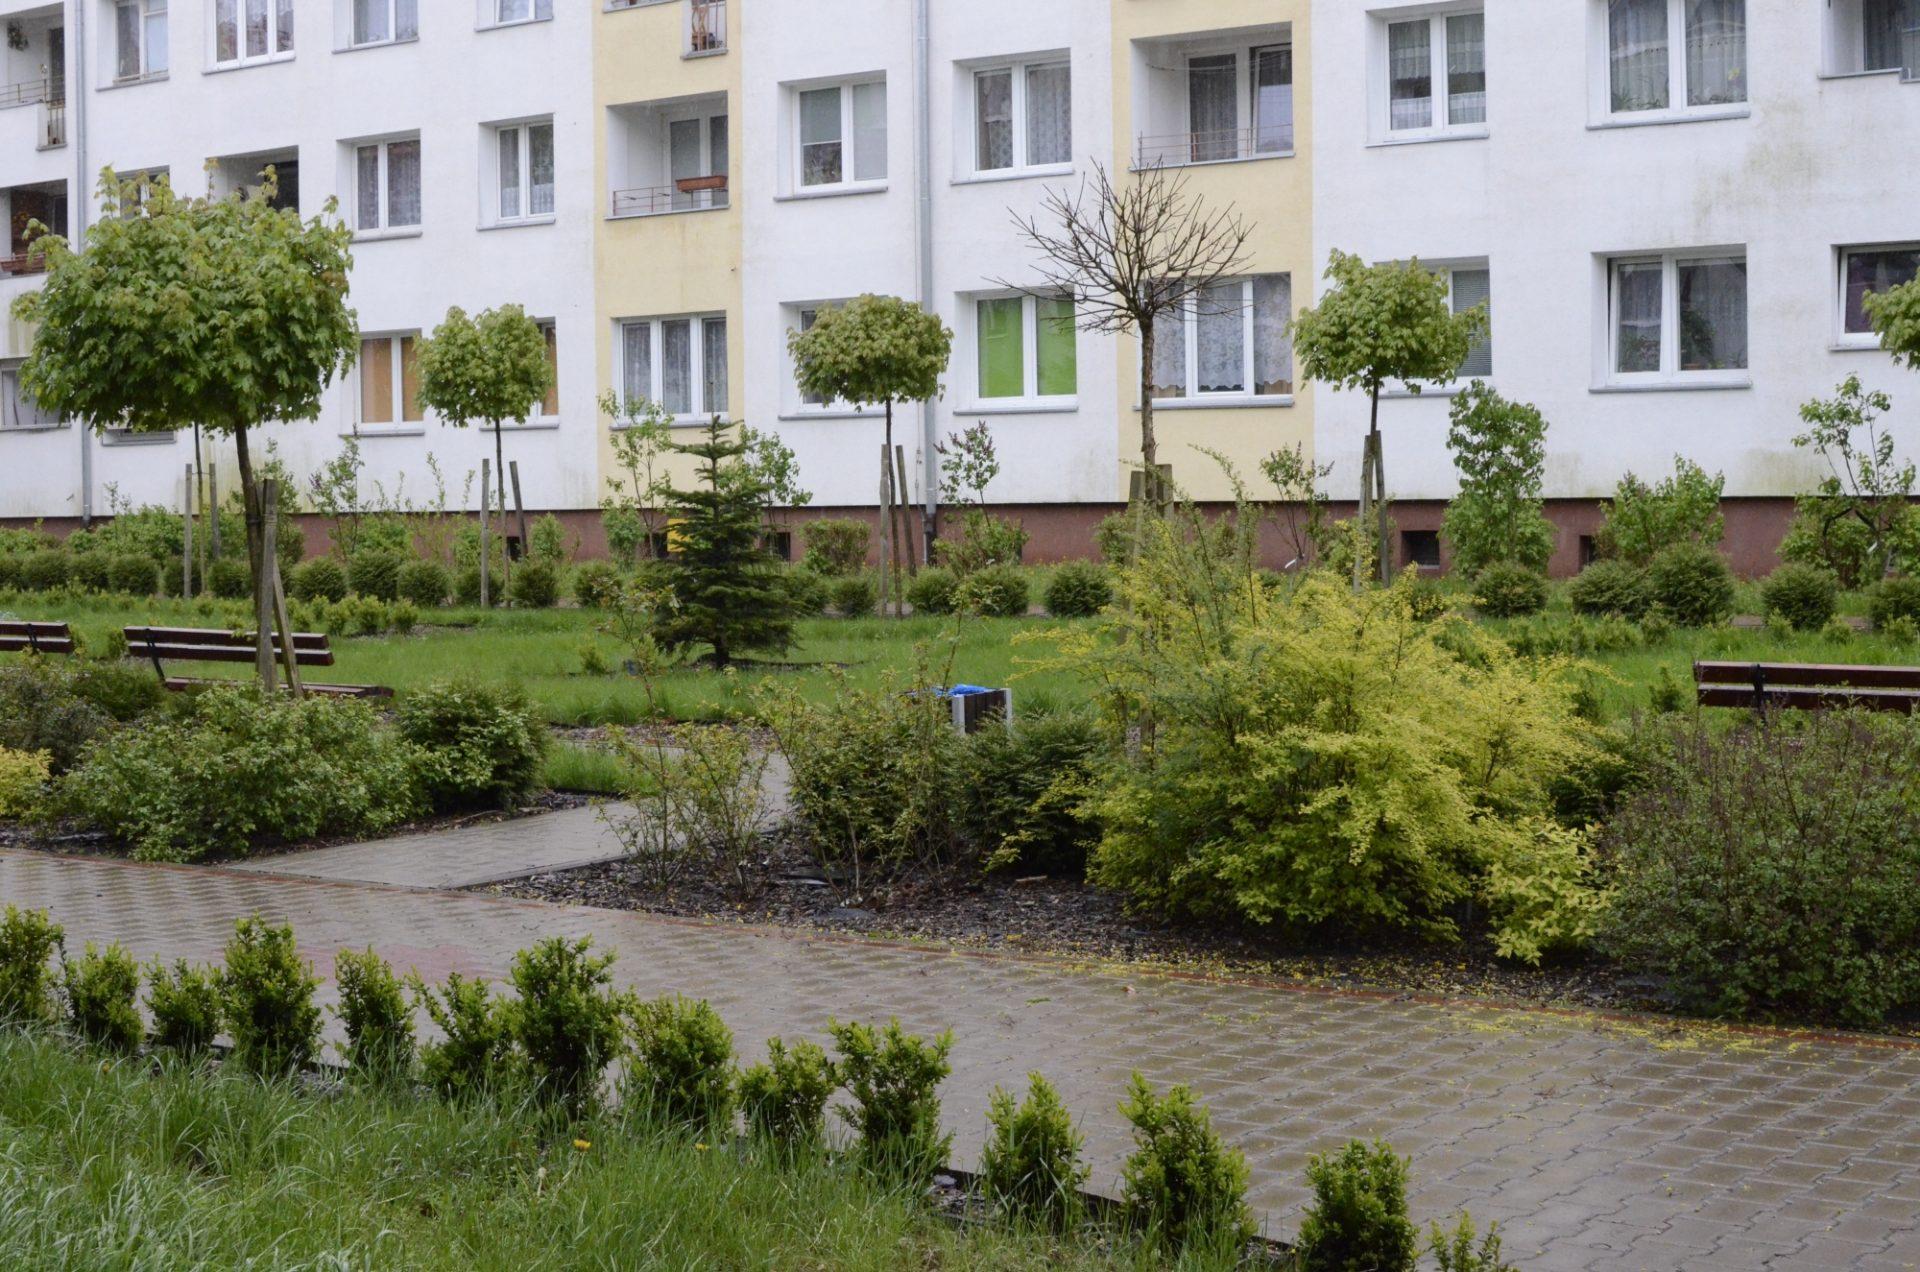 zielone podwórka iprzedogródki